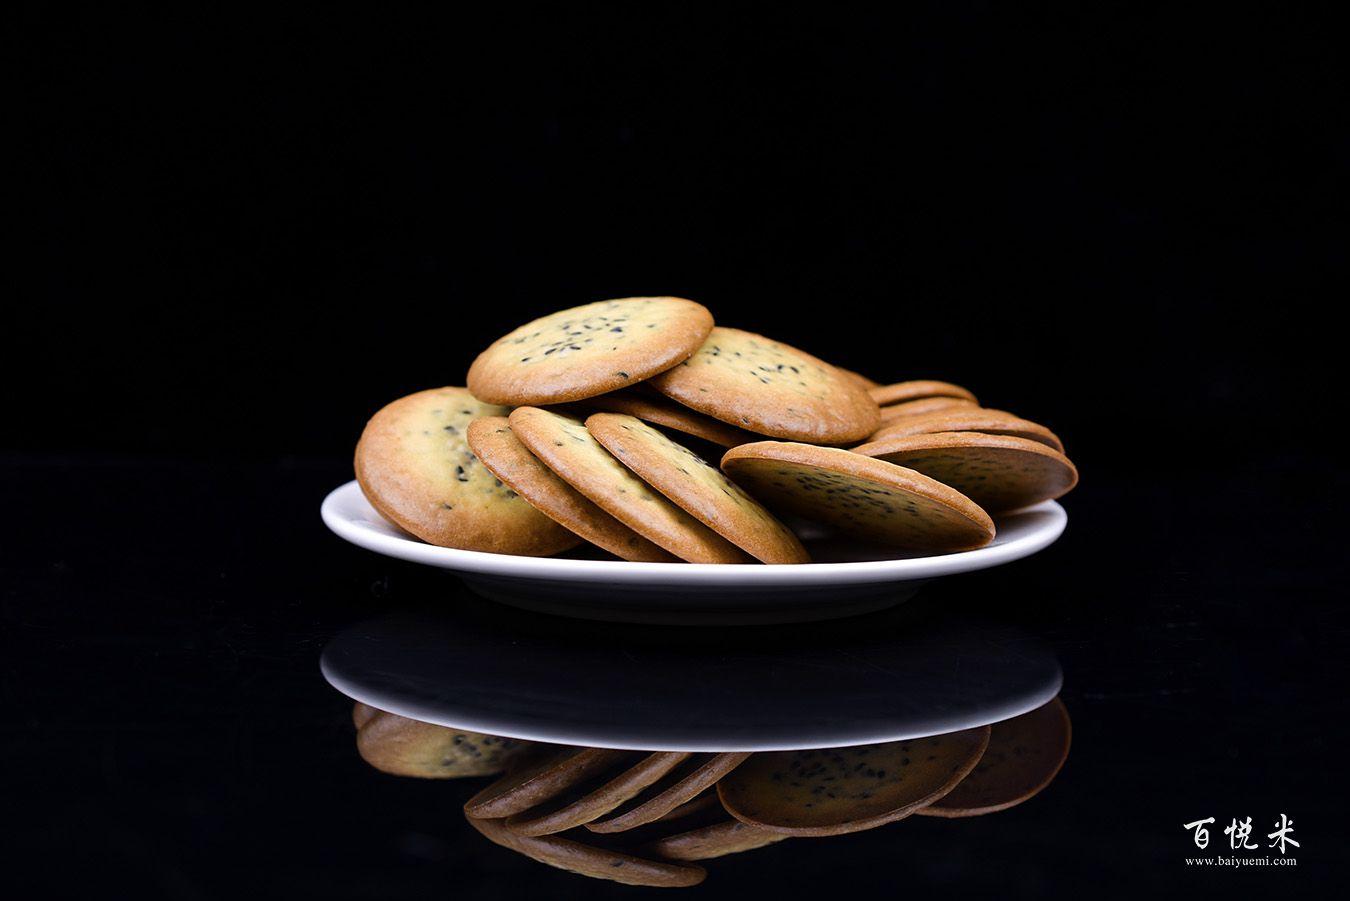 黑芝麻鸡蛋瓦片饼干的做法视频大全_西点培训学习教程